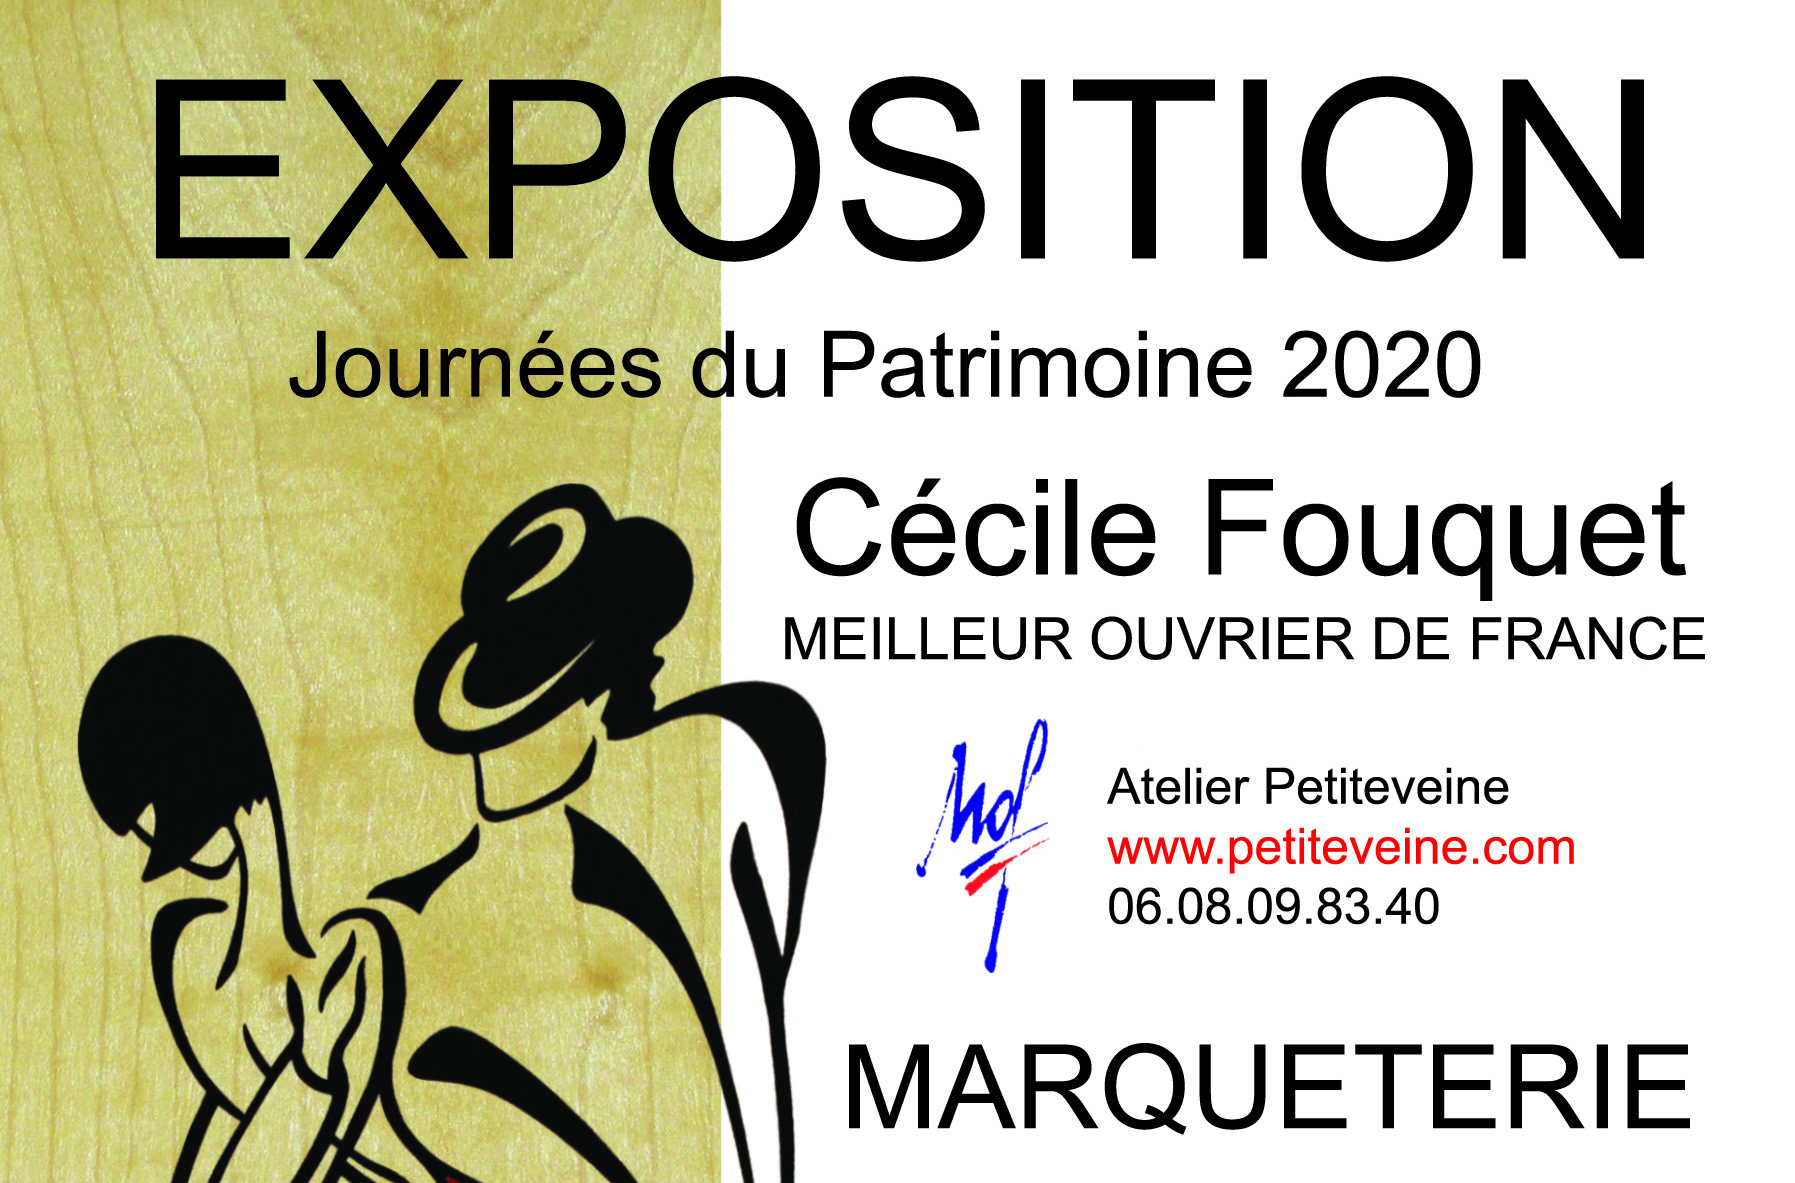 Exposition Cécile Fouquet Meilleur Ouvrier de France en Marqueterie